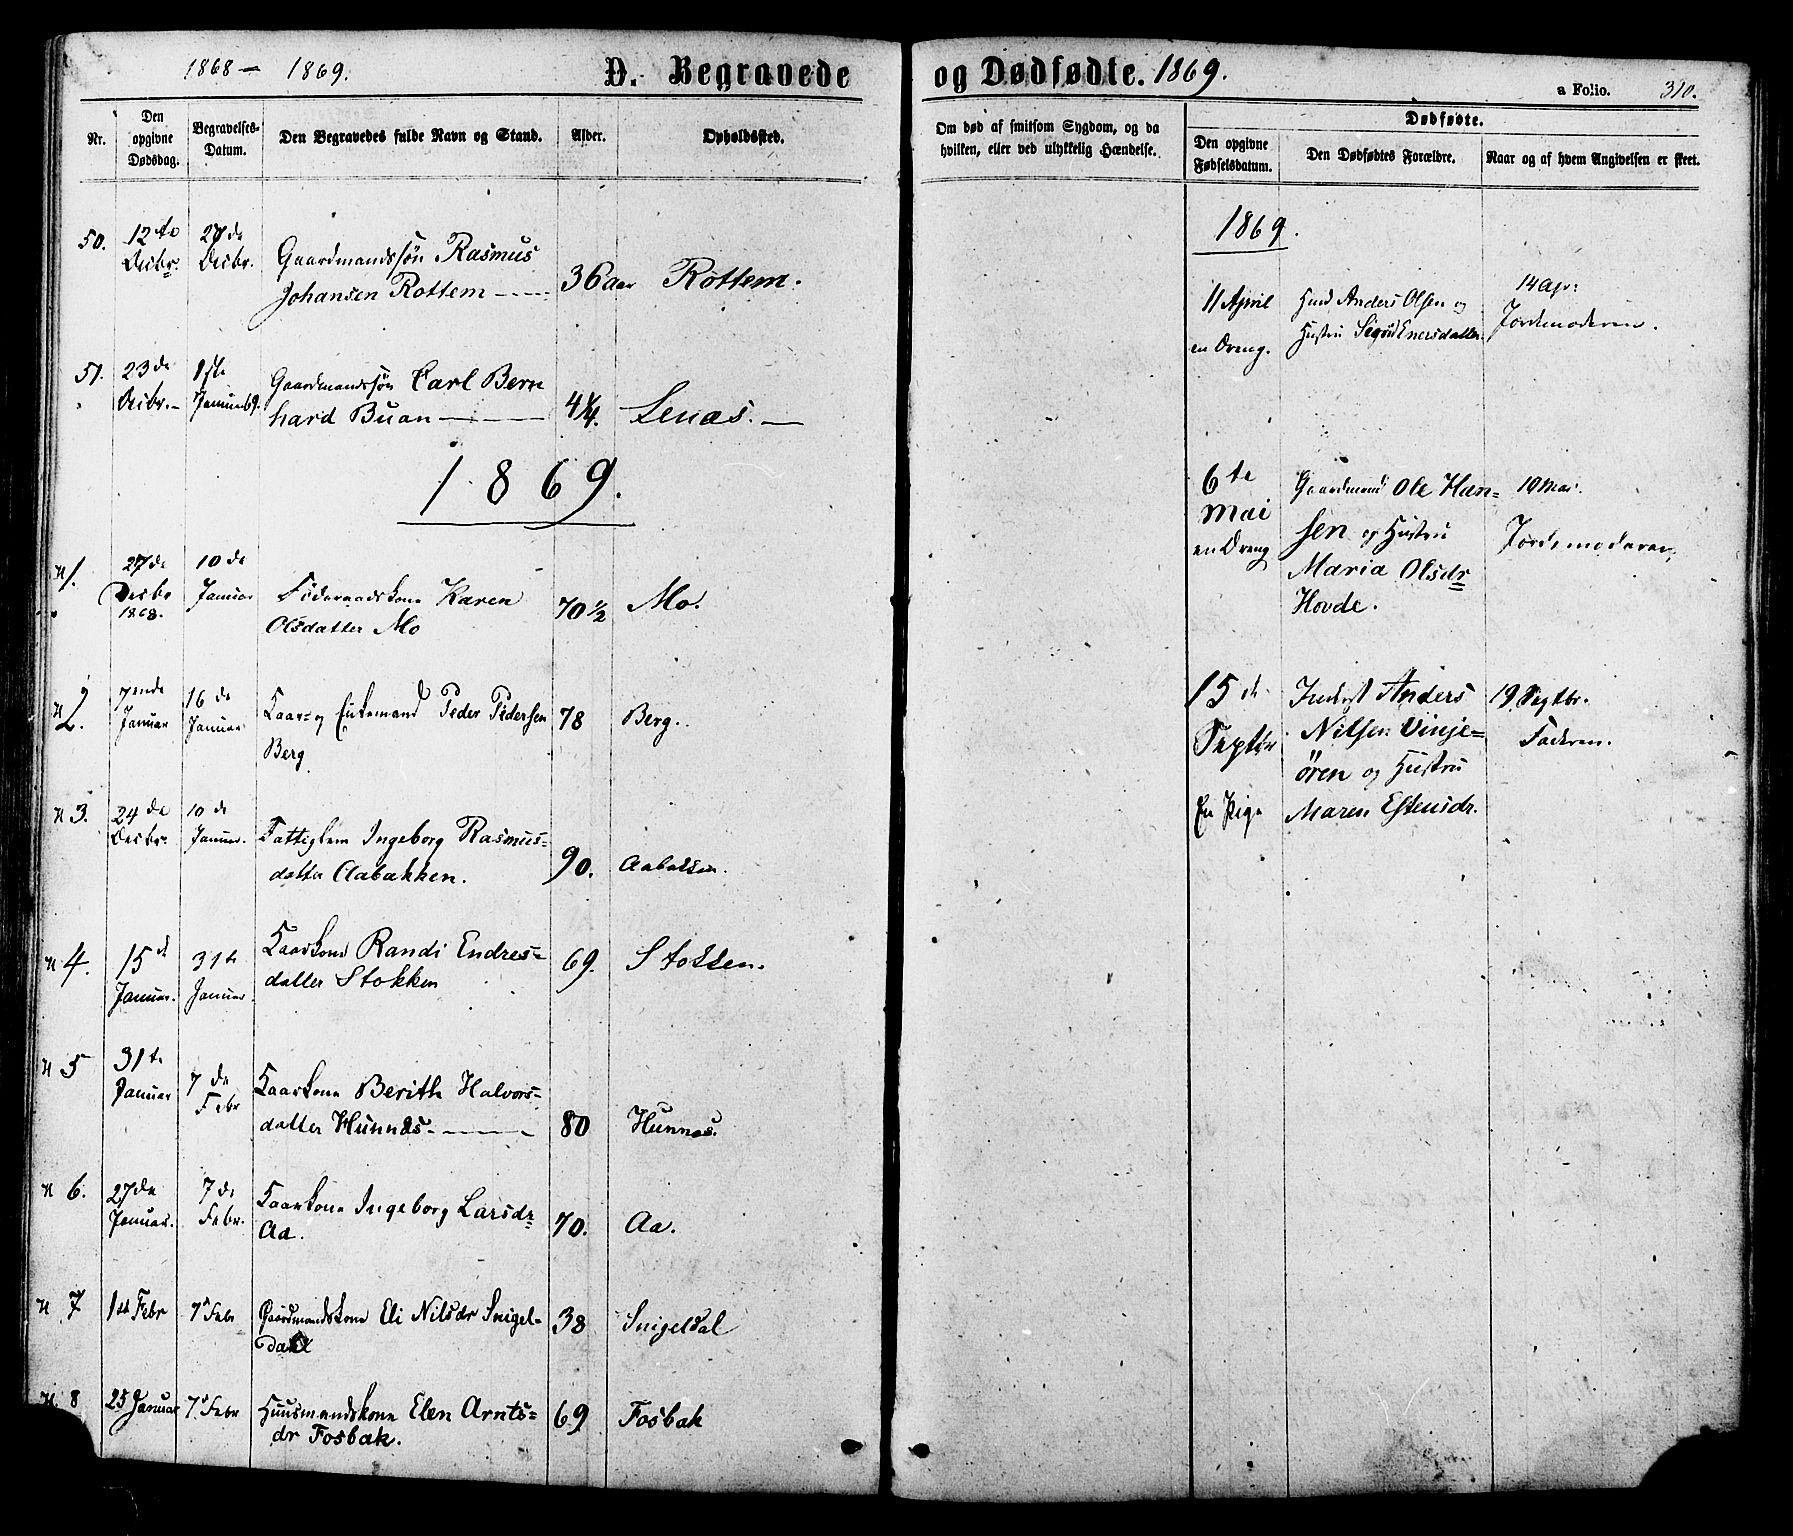 SAT, Ministerialprotokoller, klokkerbøker og fødselsregistre - Sør-Trøndelag, 630/L0495: Ministerialbok nr. 630A08, 1868-1878, s. 310